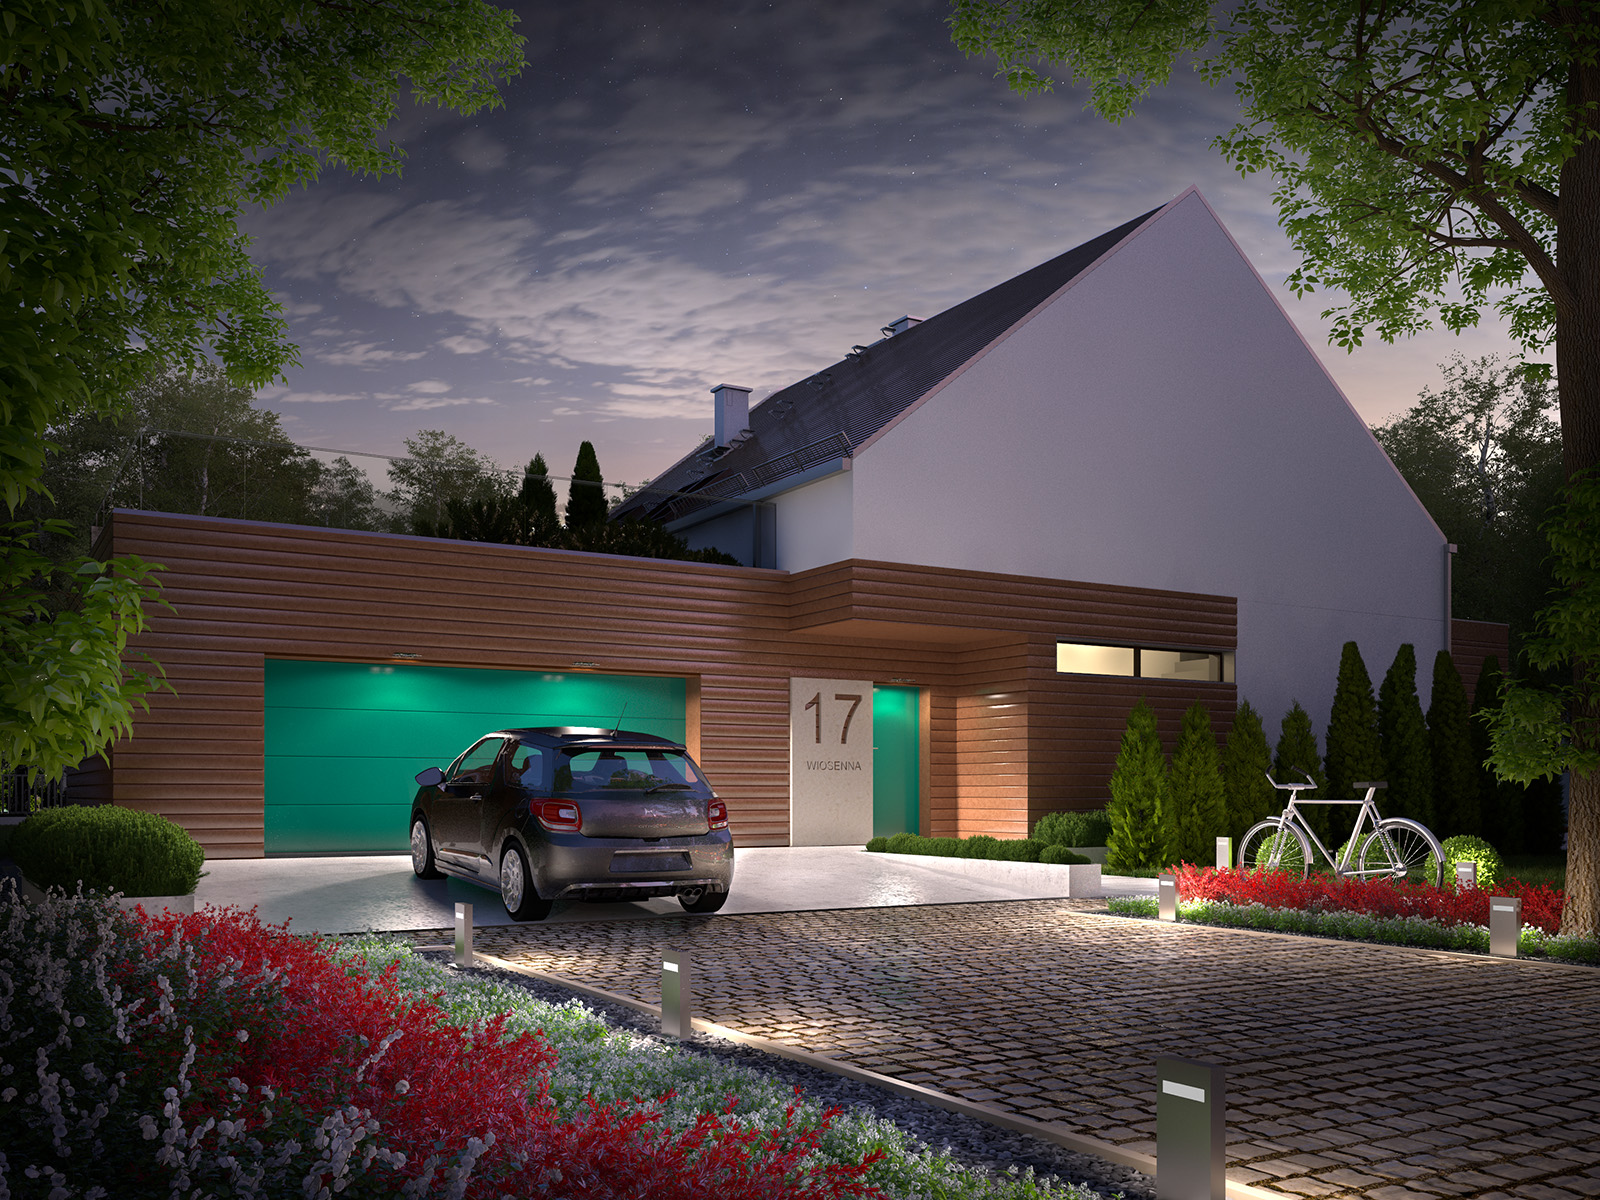 Projekt domu 2 PLUS 1 Domy Czystej Energii widok od frontu